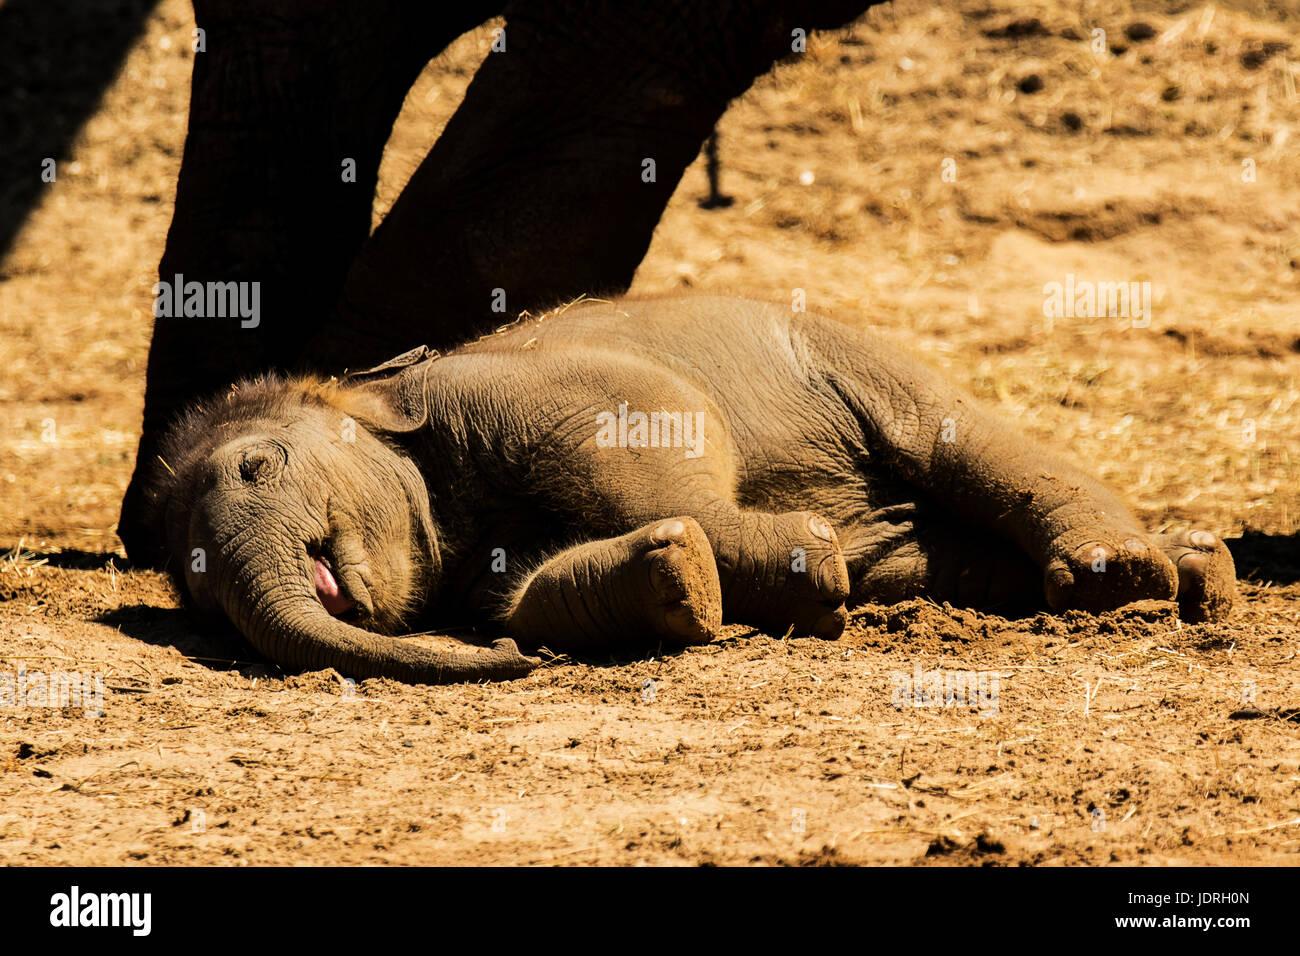 Ìt era la hora de la siesta para este bebé elefante mientras su madre se situó por Imagen De Stock